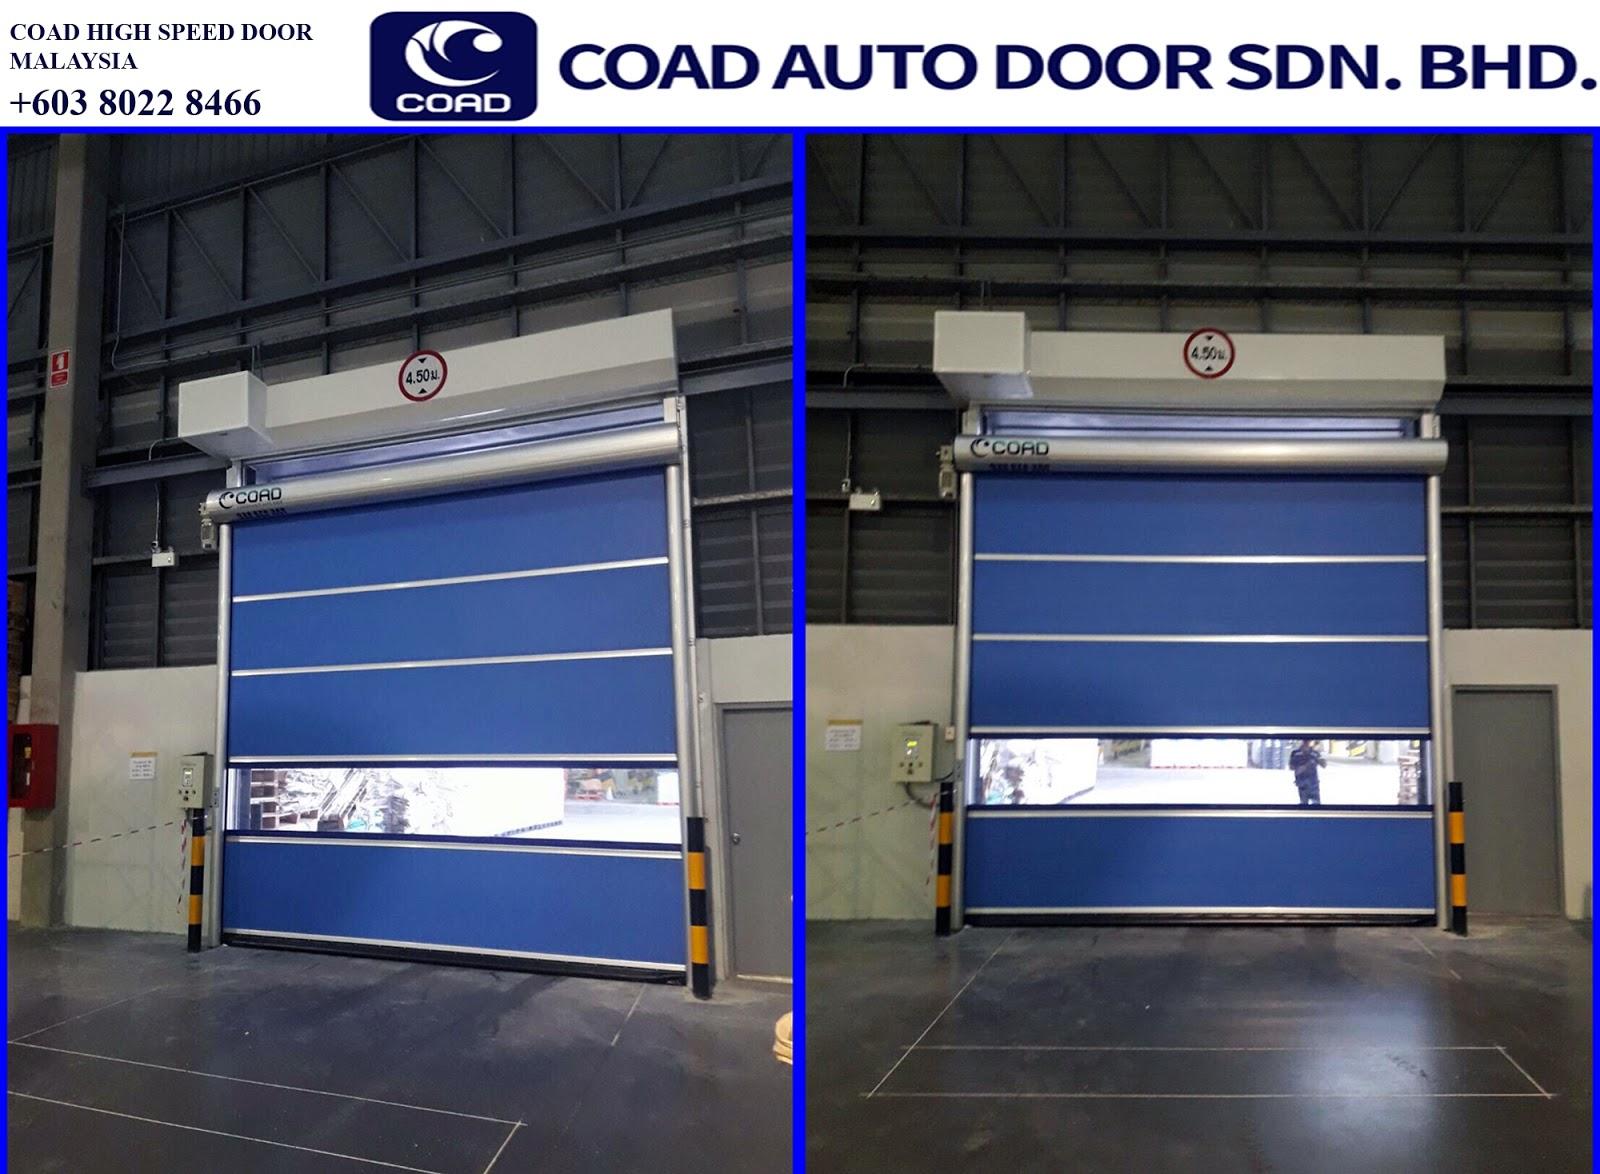 Coad High Speed Door Malaysia Steel Roller Shutter Doors Shutter